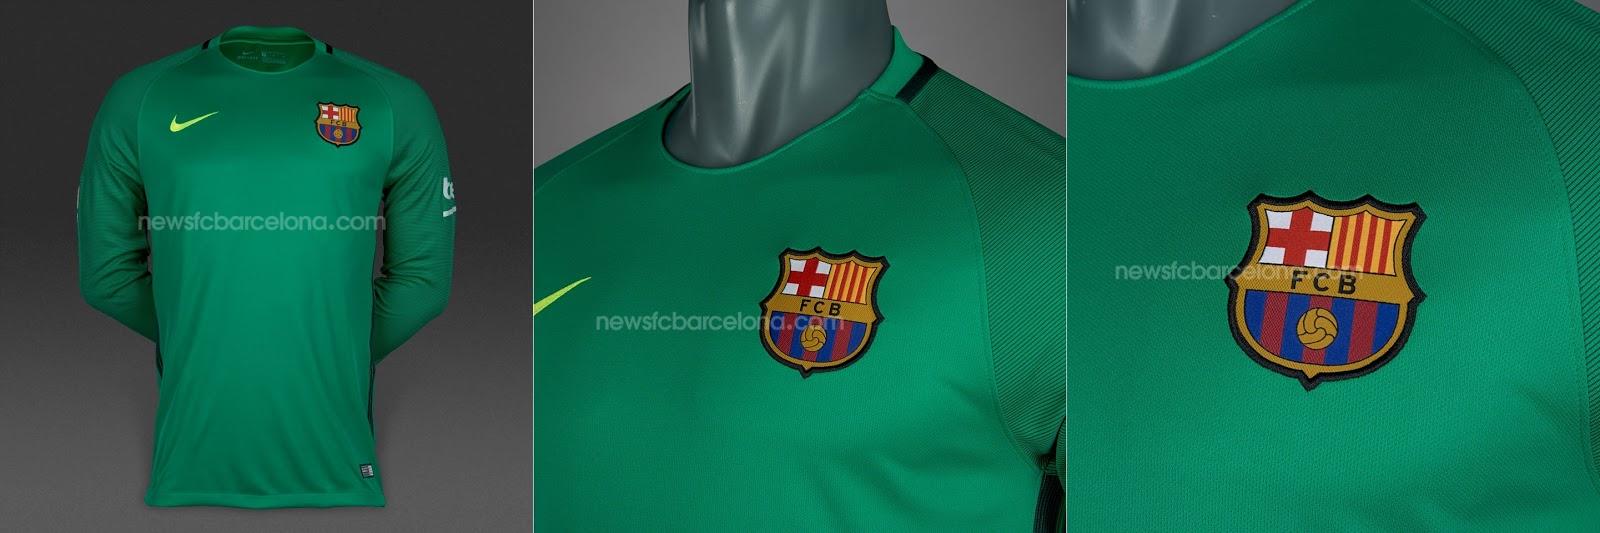 b631b338efa1d Assim serão as camisas do Barça de goleiro